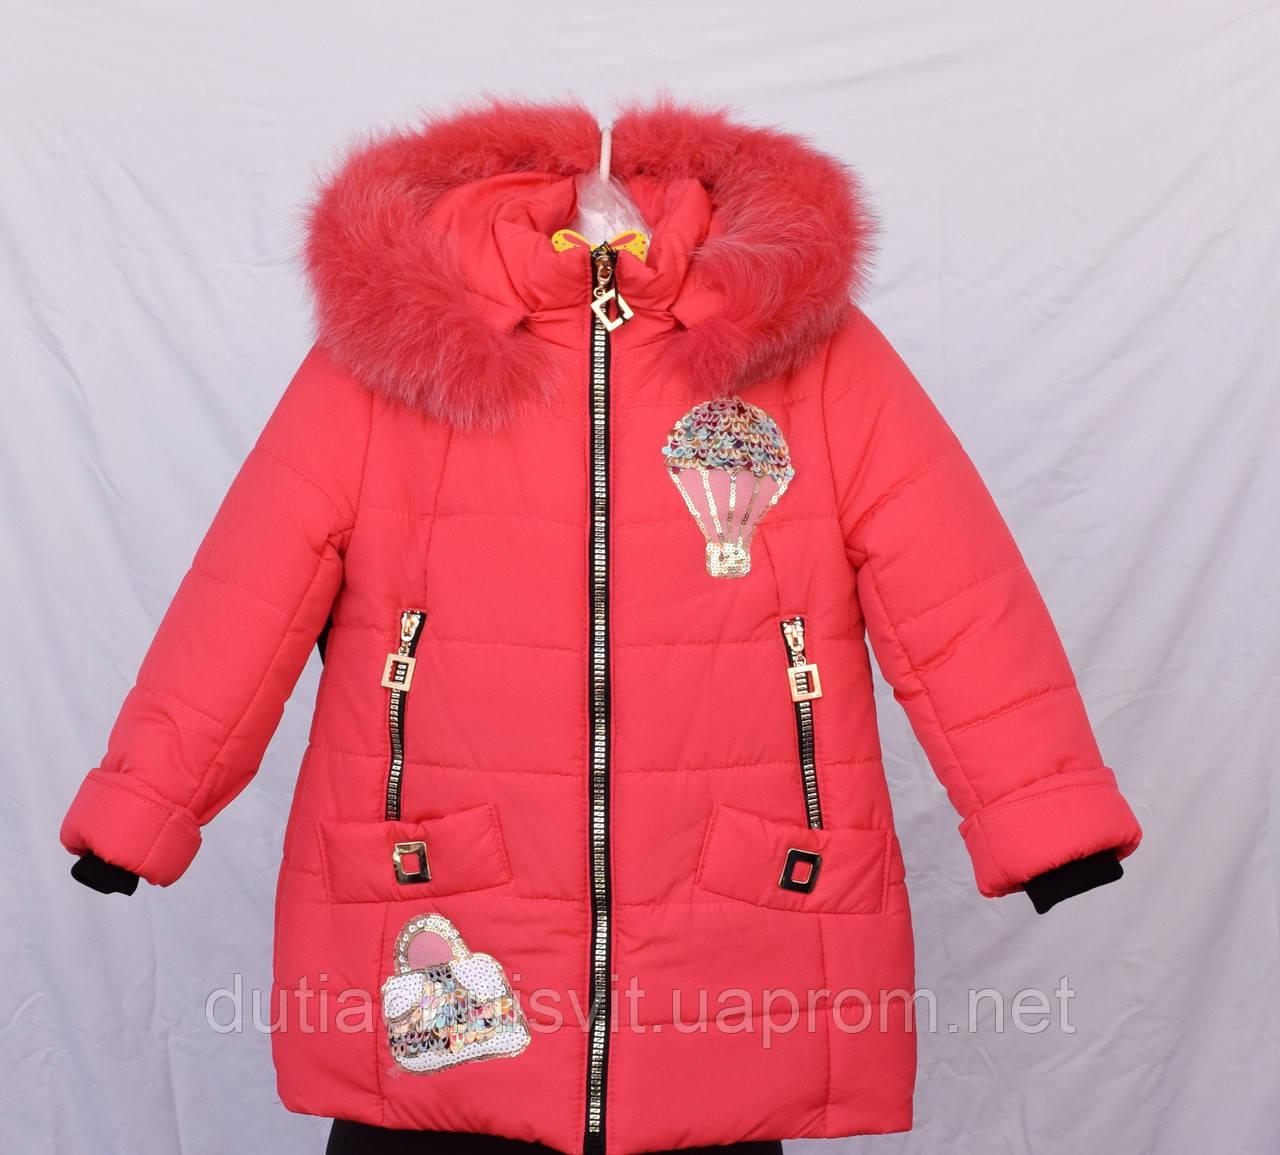 667cd5e337c Детская зимняя куртка